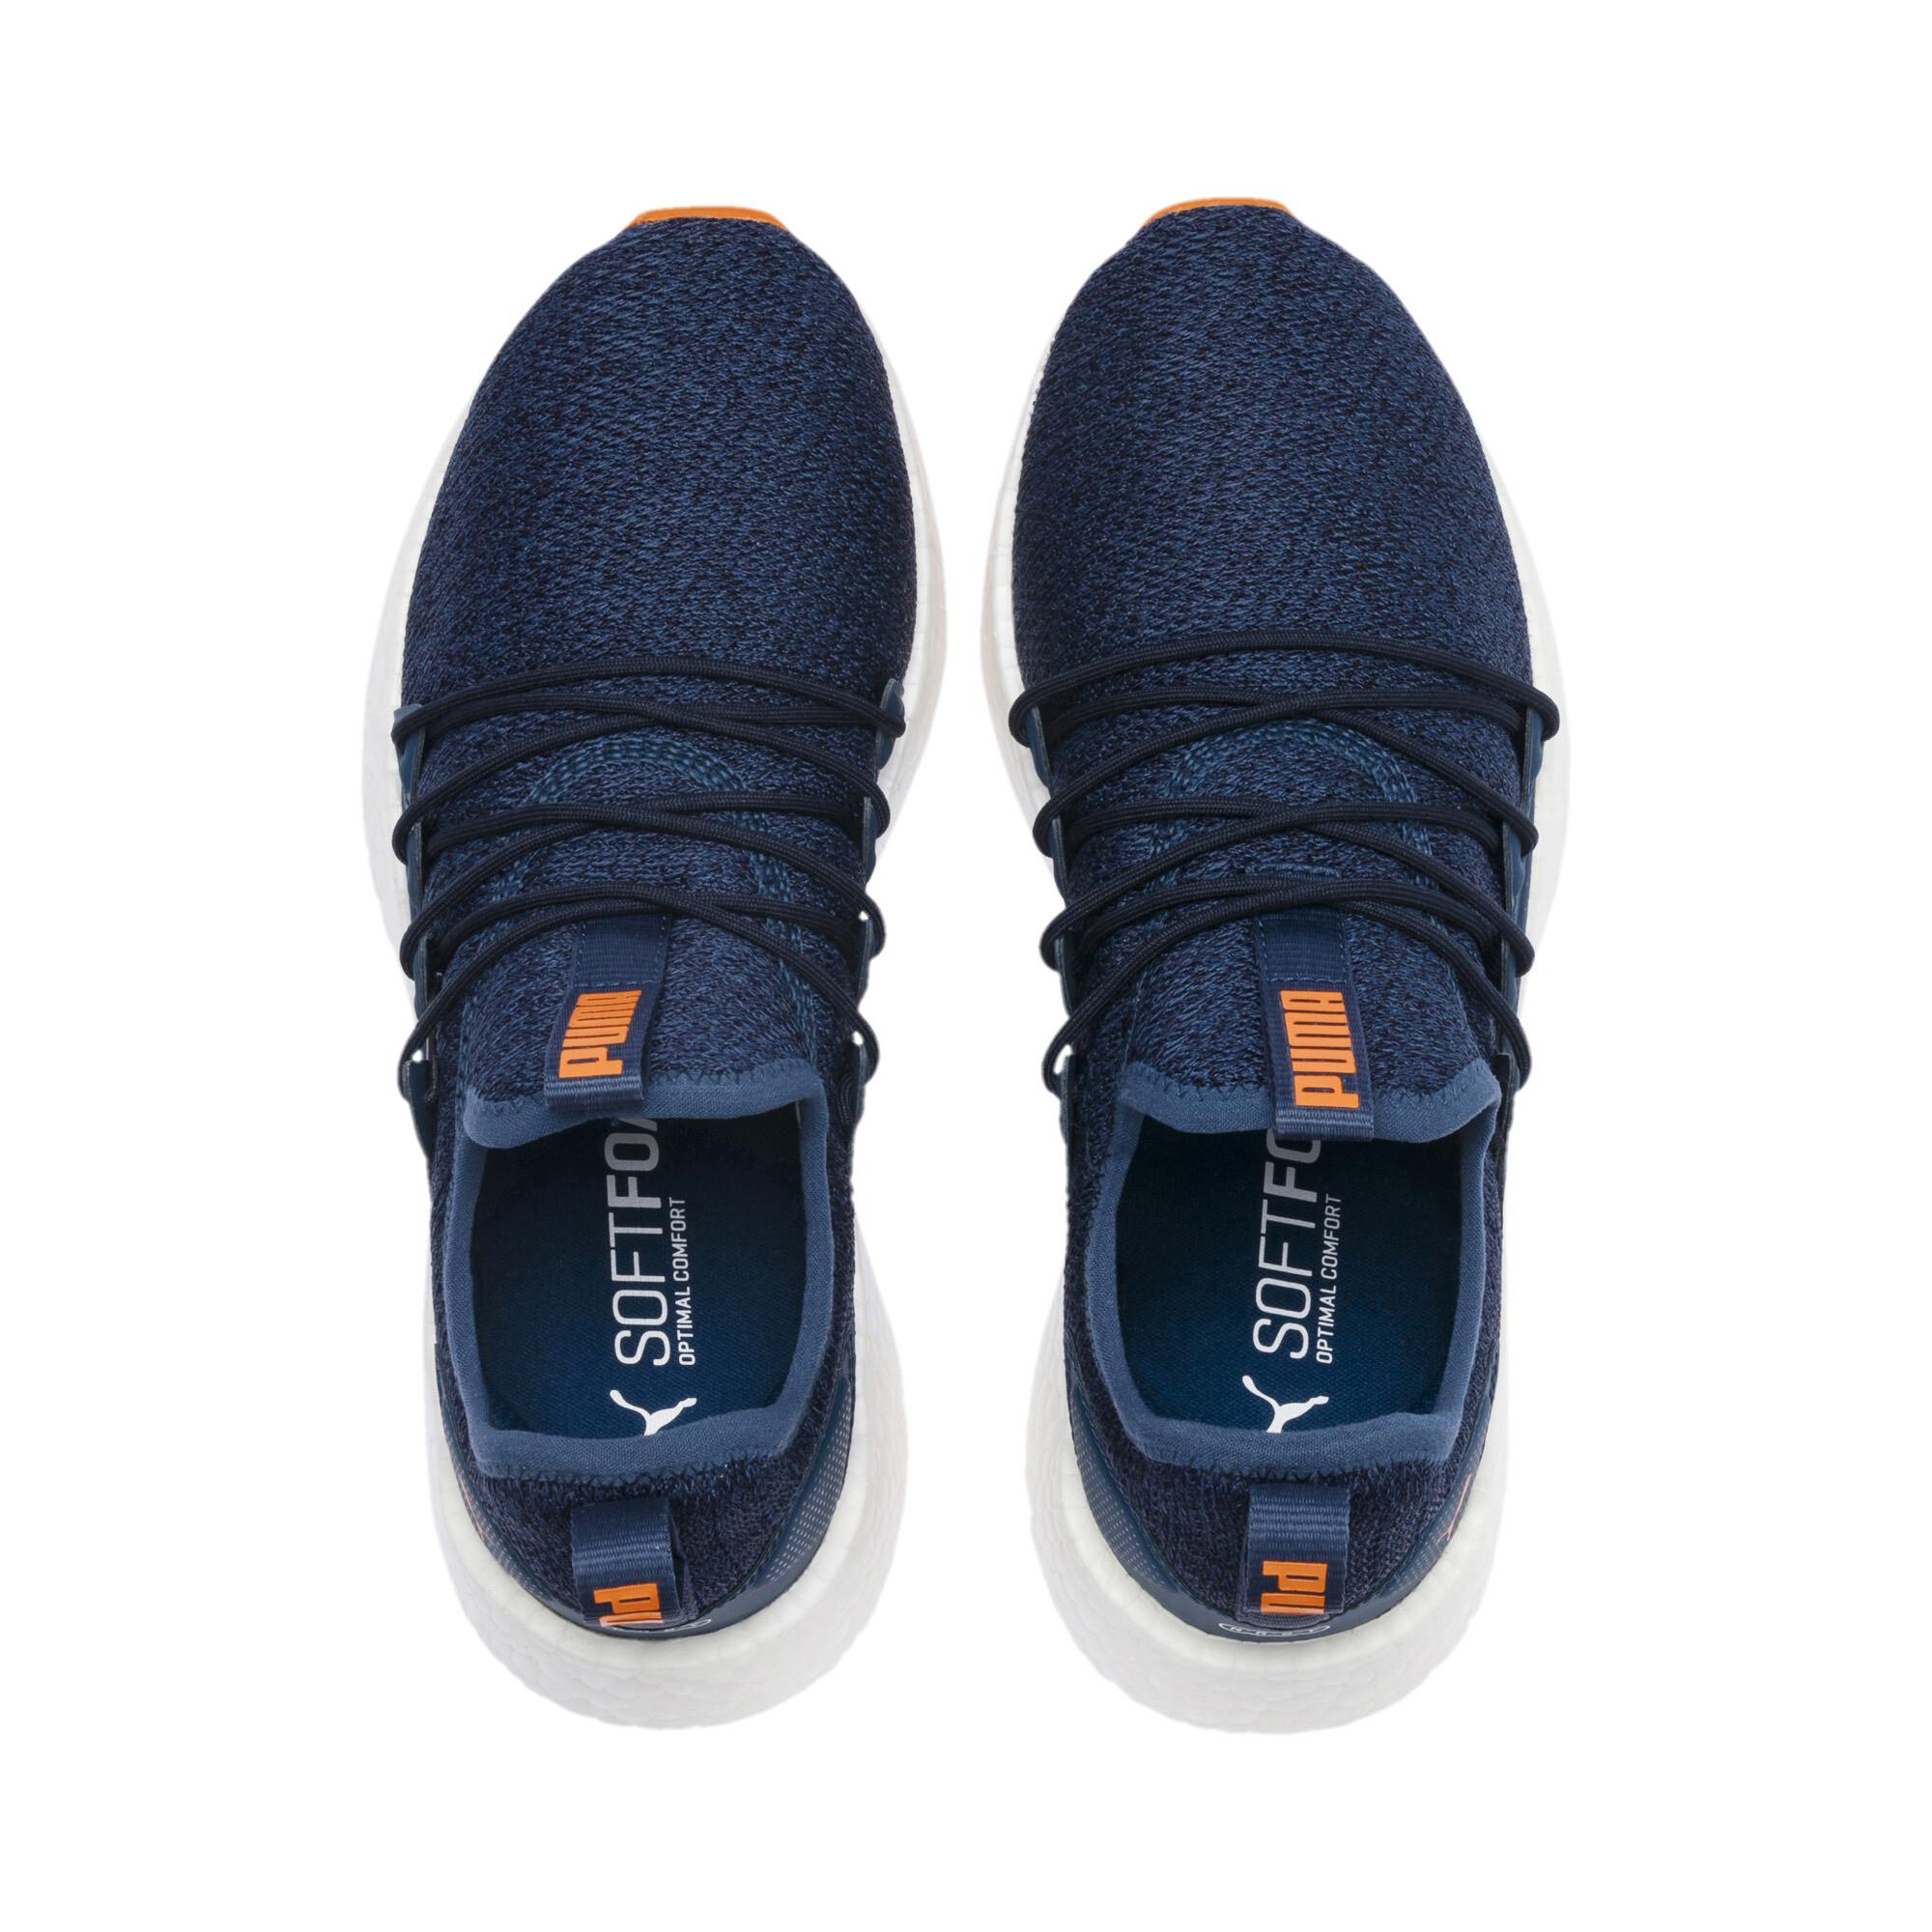 PUMA-Youth-NRGY-Neko-Knit-Running-Shoes thumbnail 7